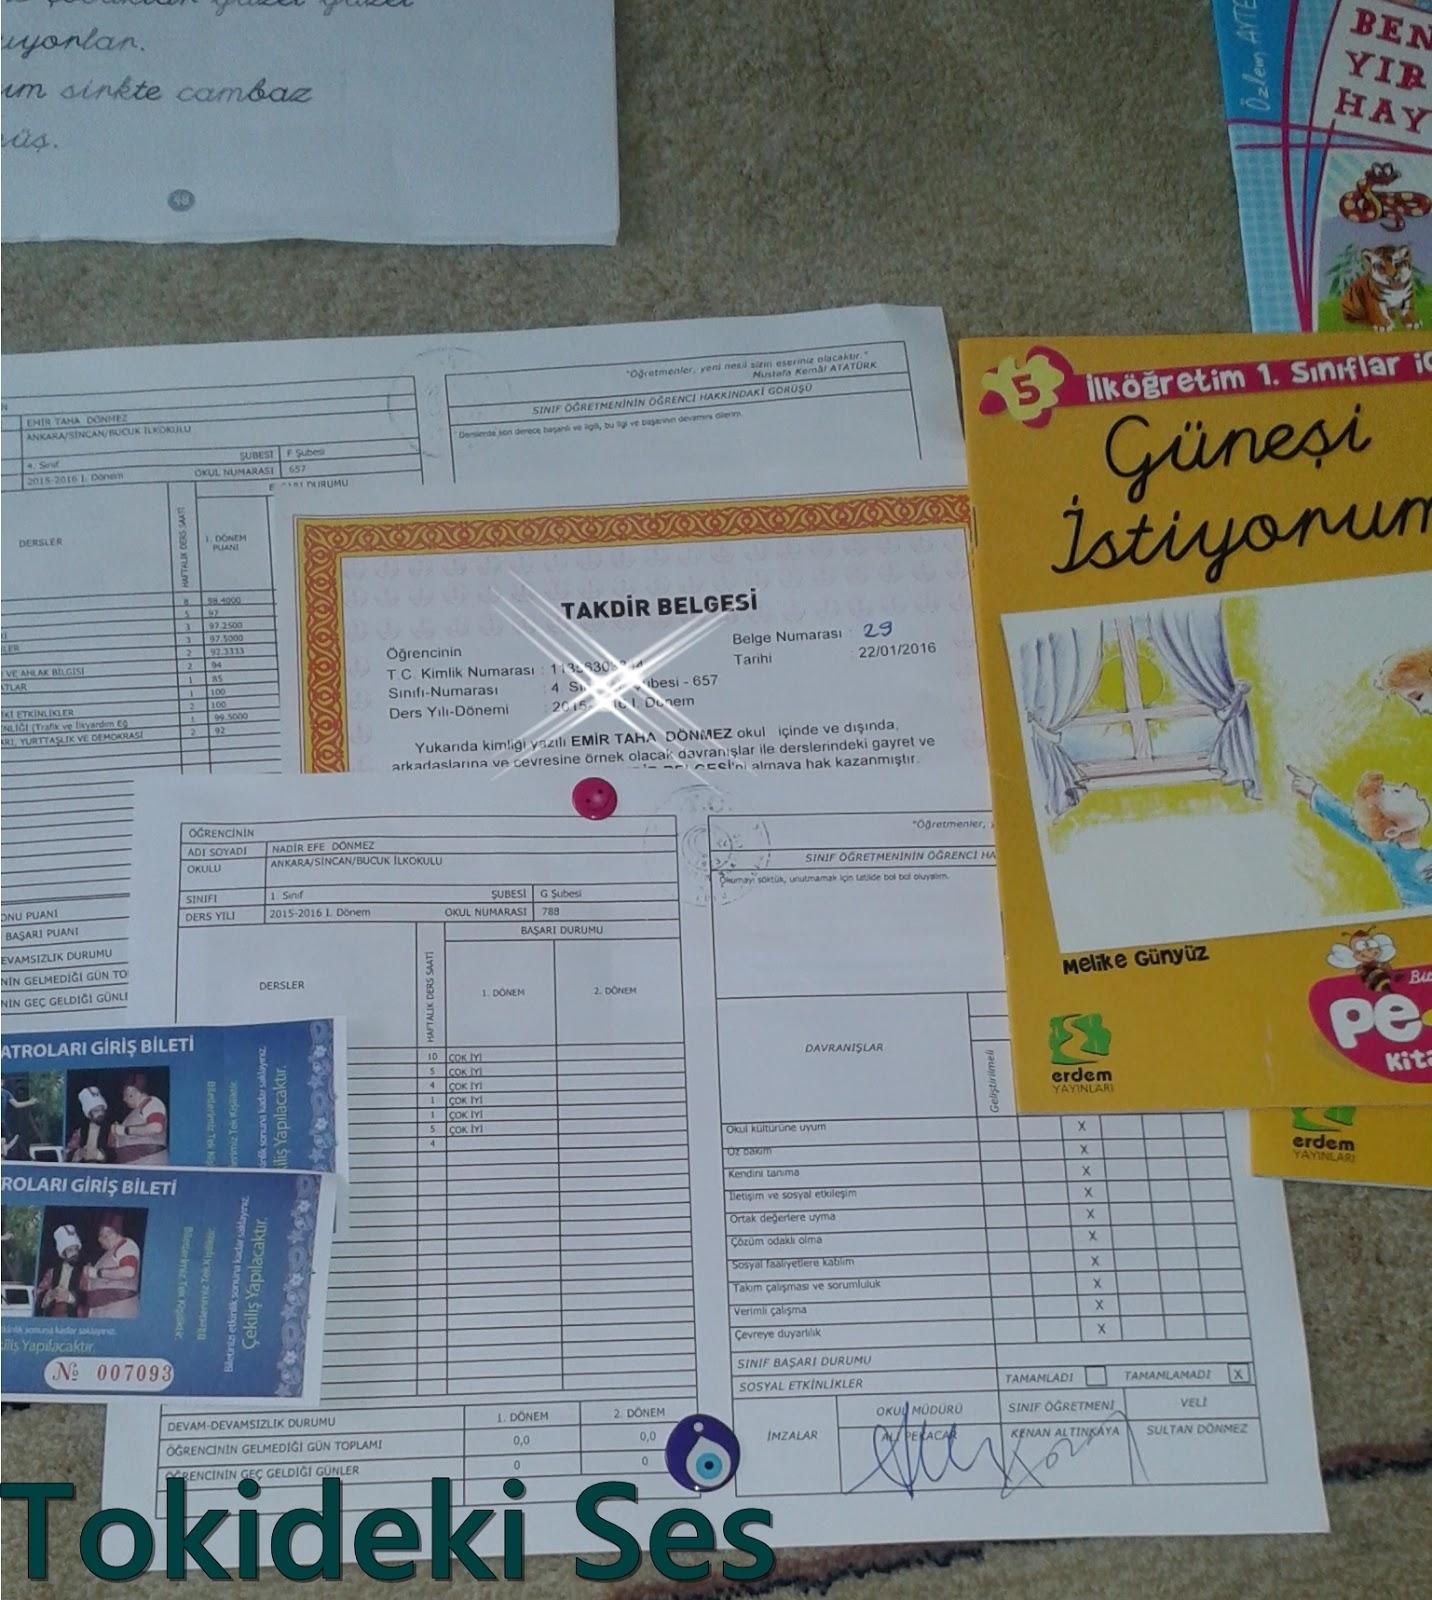 1824a874dcf26 Biz veliler çocuklarla birlikte kah ev ödevleri yaptık\kah deneyler  yaptık\kah performans ödevleri vermeleri sonucu bizde o çocuklara verilen  ödevleri sanki ...